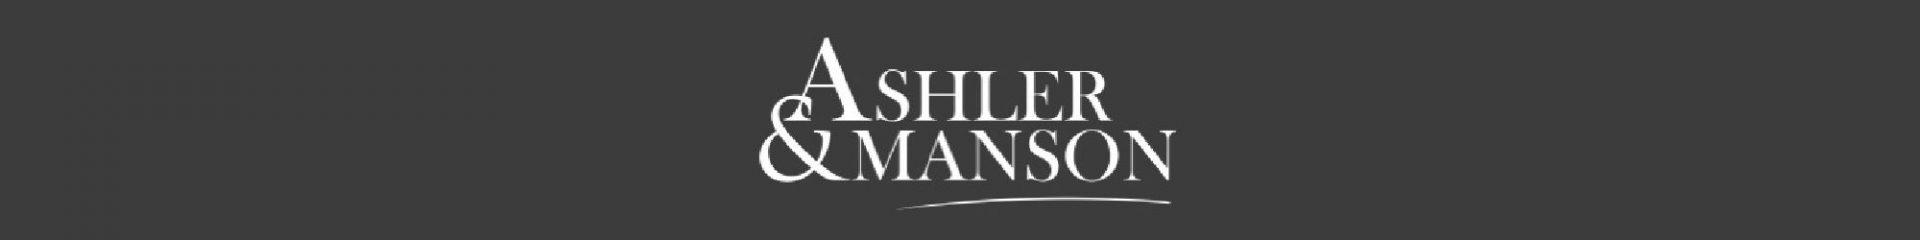 Ashler et Manson Roanne